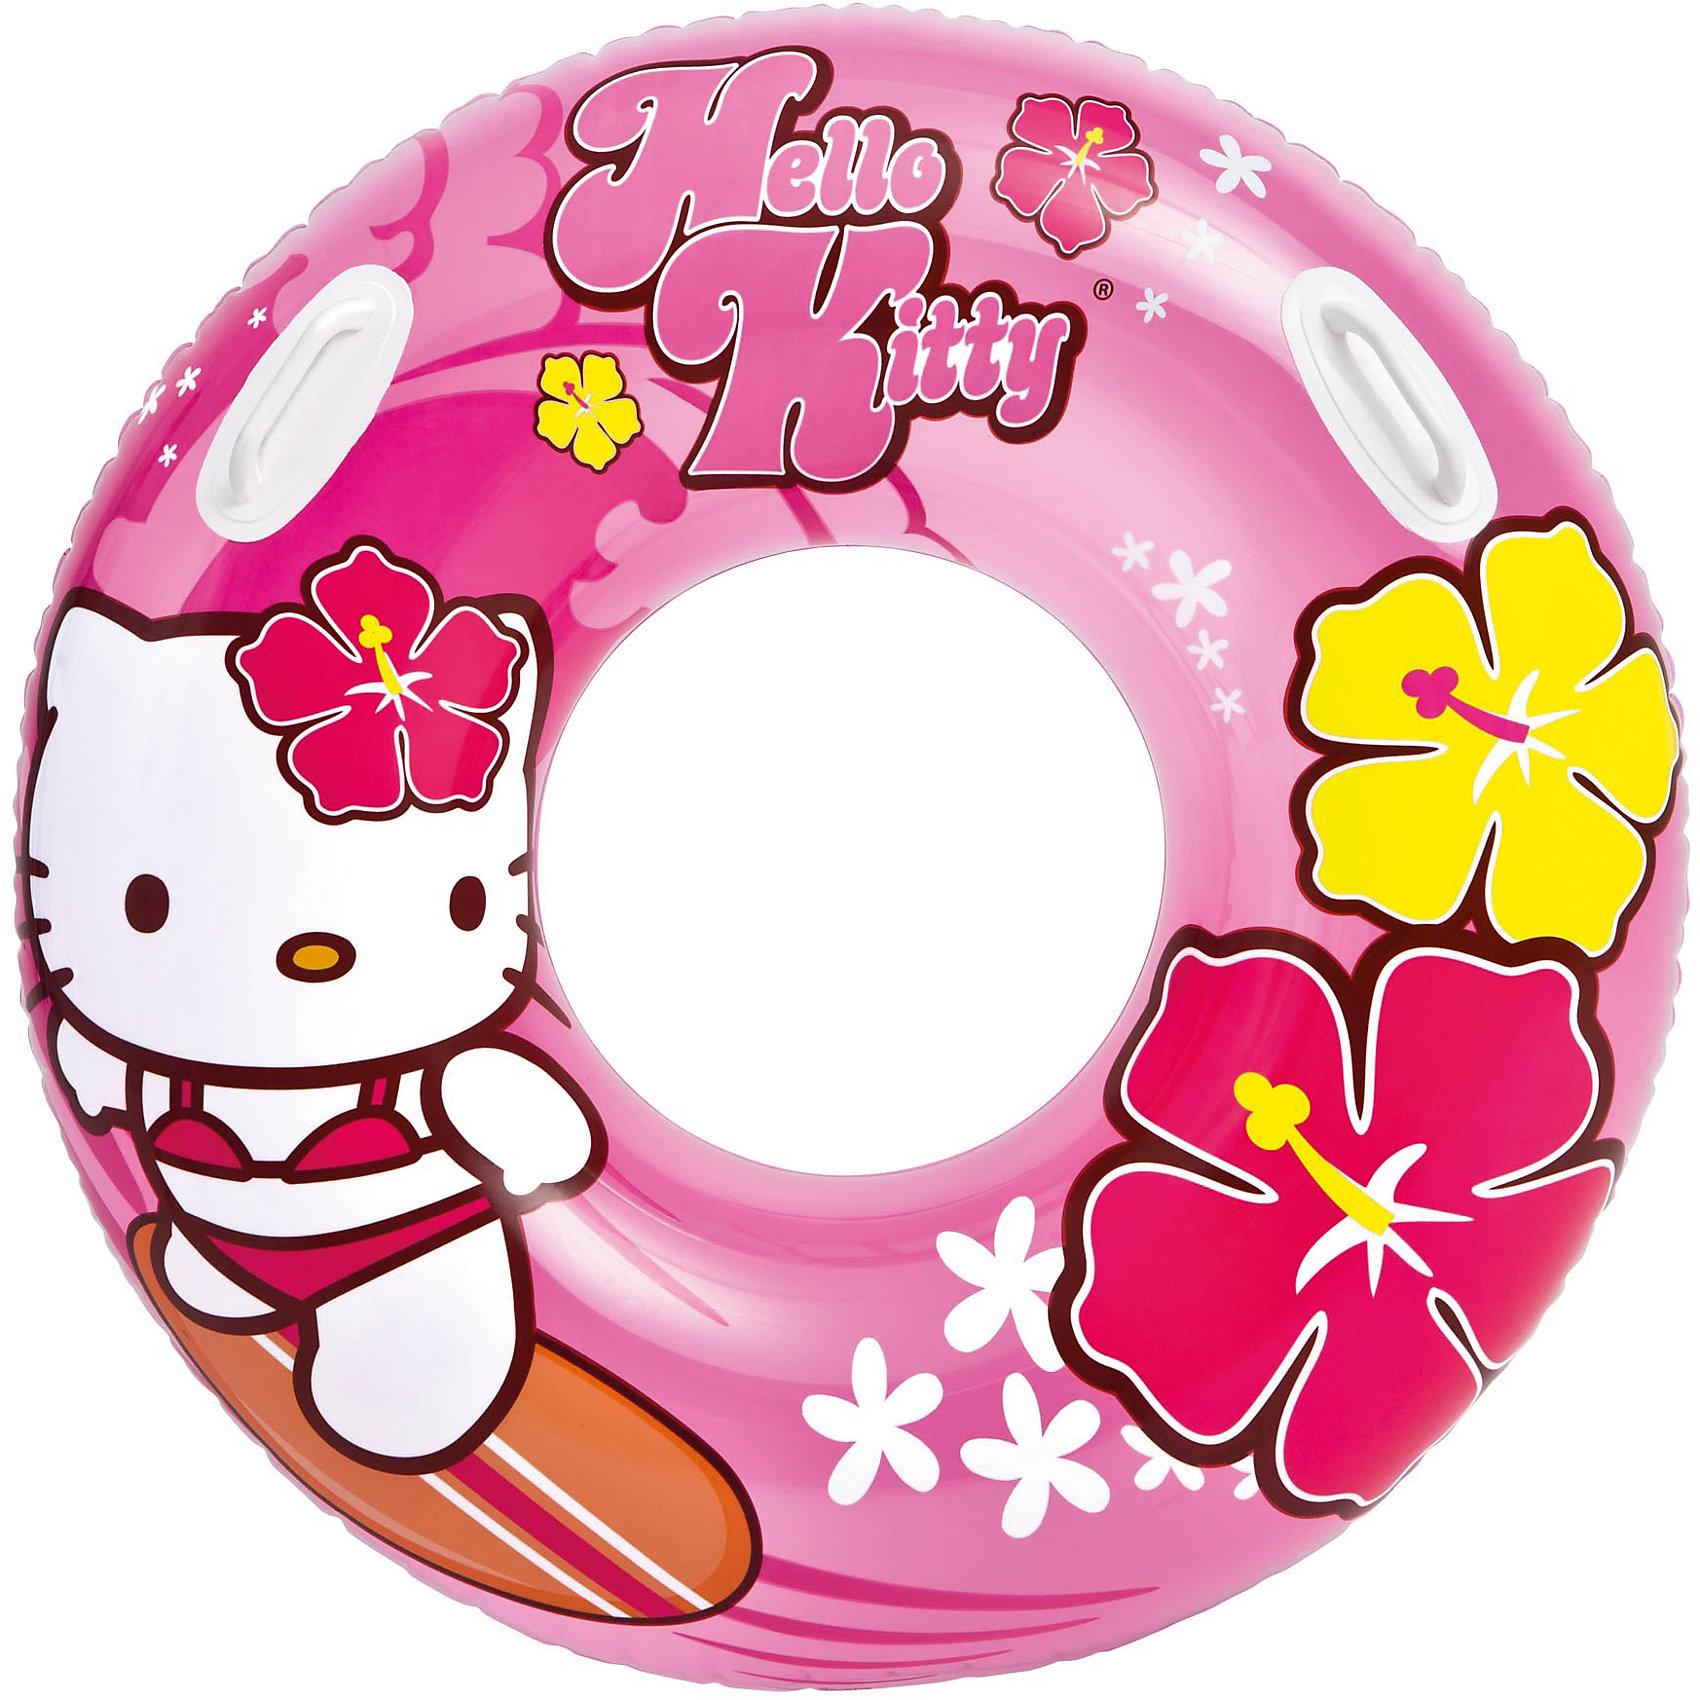 Надувной круг, 97 см, Hello Kitty , IntexКруги и нарукавники<br>Характеристики товара:<br><br>• материал: ПВХ. <br>• диаметр: 97 см. <br>• внутренний диаметр: 38 см.<br>• толщина покрытия: 0,25 мм. <br>• яркий привлекательный дизайн. <br>• удобные ручки. <br>• возраст: от 6 лет. <br><br>Яркий надувной круг обязательно понравится всем юным пловцам. <br><br>Игрушка оформлена изображениями Hello Kitty (Хелло Кити). <br><br>Круг изготовлен из высококачественных нетоксичных прочных материалов безопасных для детей, легко и быстро сдувается и надувается, занимает мало места при хранении и транспортировке.<br><br>Надувной круг, 97 см, Hello Kitty, Intex (Интекс) можно купить в нашем интернет-магазине.<br><br>Ширина мм: 241<br>Глубина мм: 203<br>Высота мм: 44<br>Вес г: 607<br>Возраст от месяцев: 36<br>Возраст до месяцев: 144<br>Пол: Унисекс<br>Возраст: Детский<br>SKU: 5501927